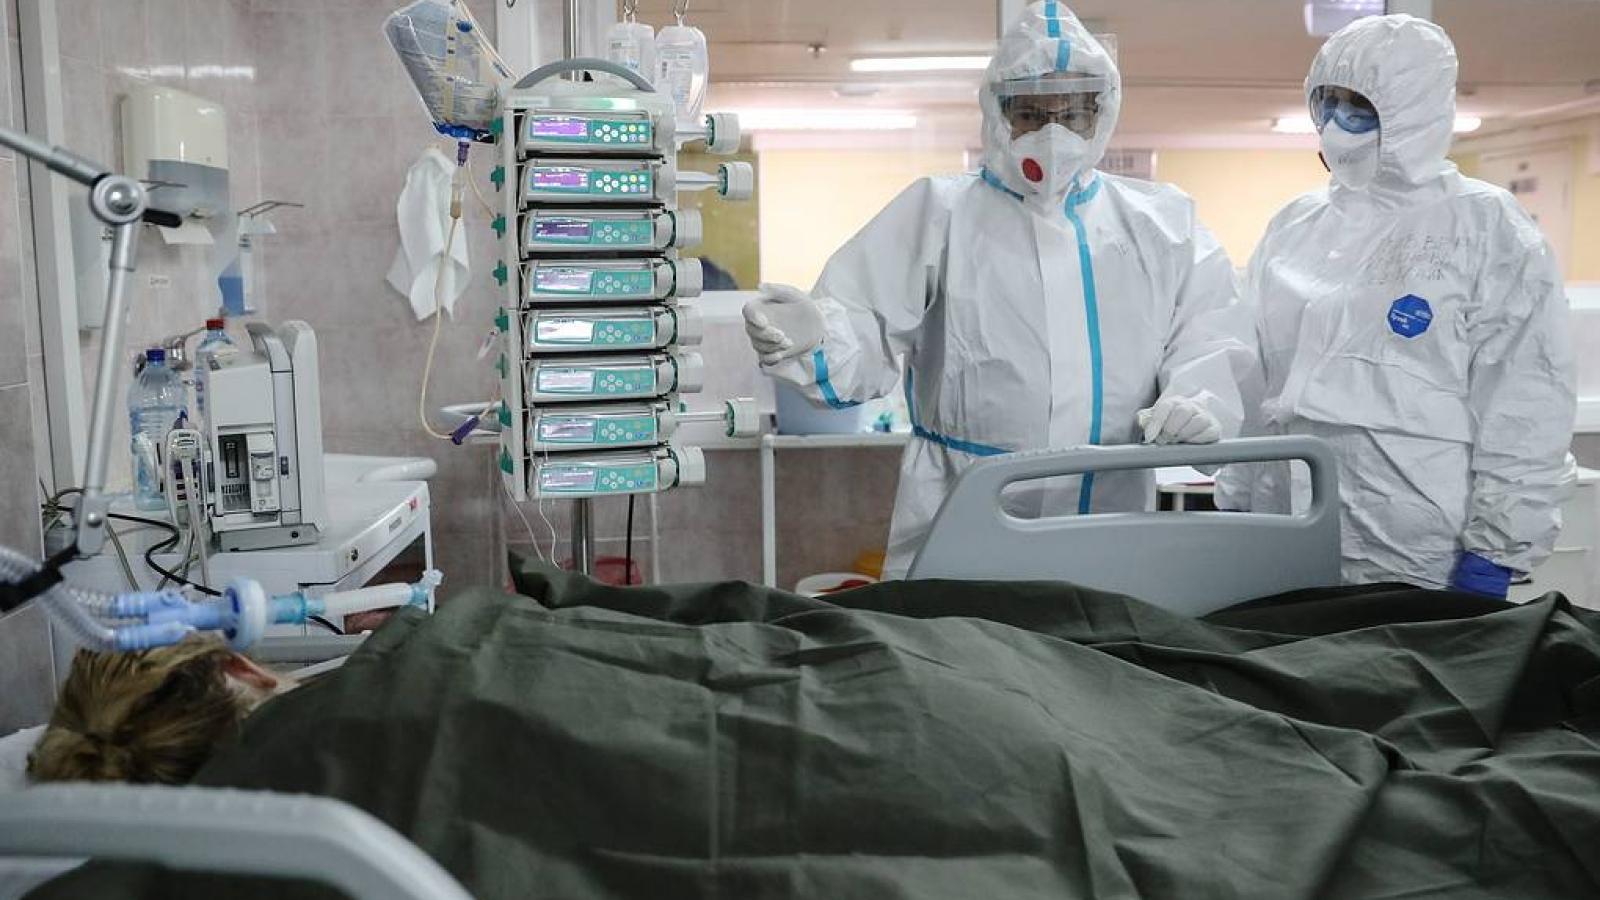 Nga chiếm vị trí thứ 4 trên thế giới với hơn 3 triệu người nhiễm dịch Covid-19